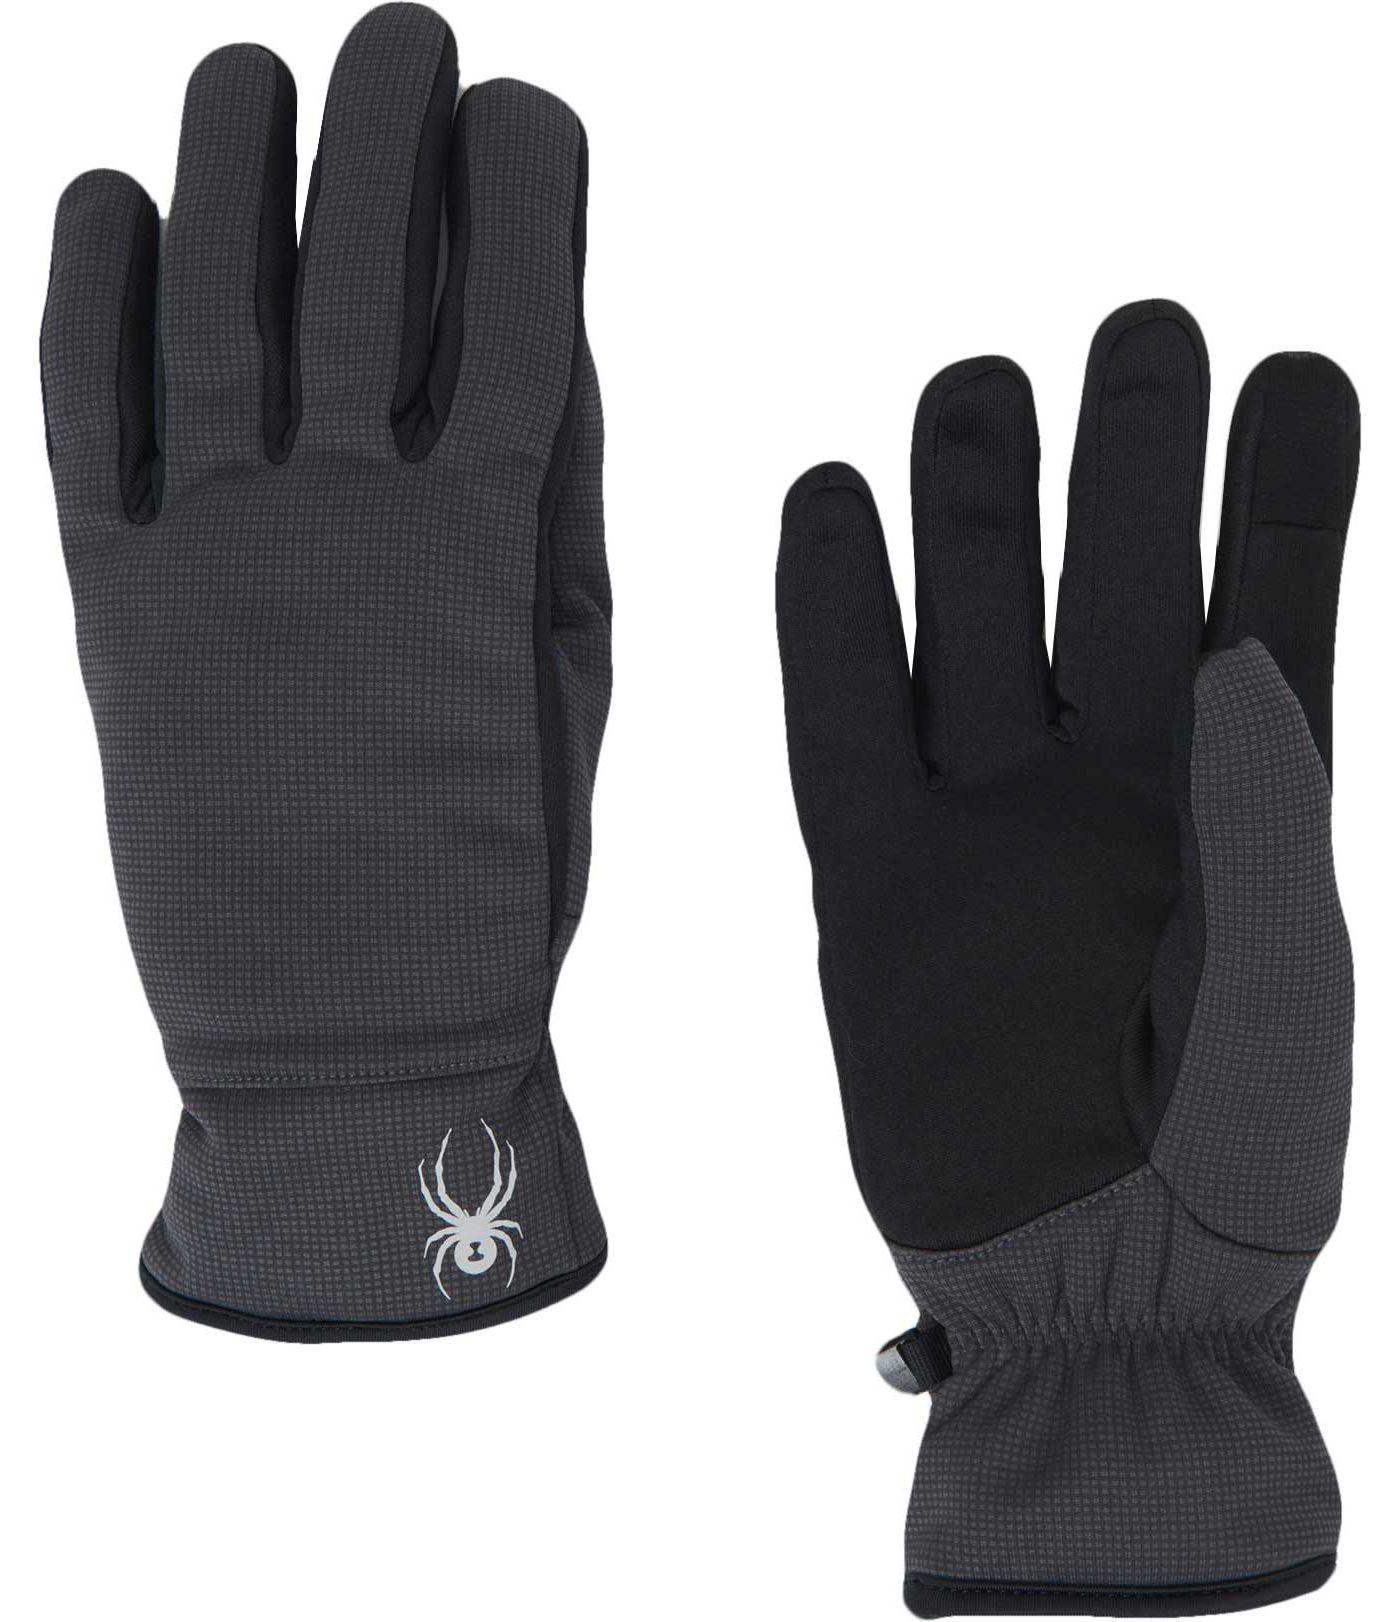 Spyder Men's Centennial Gloves